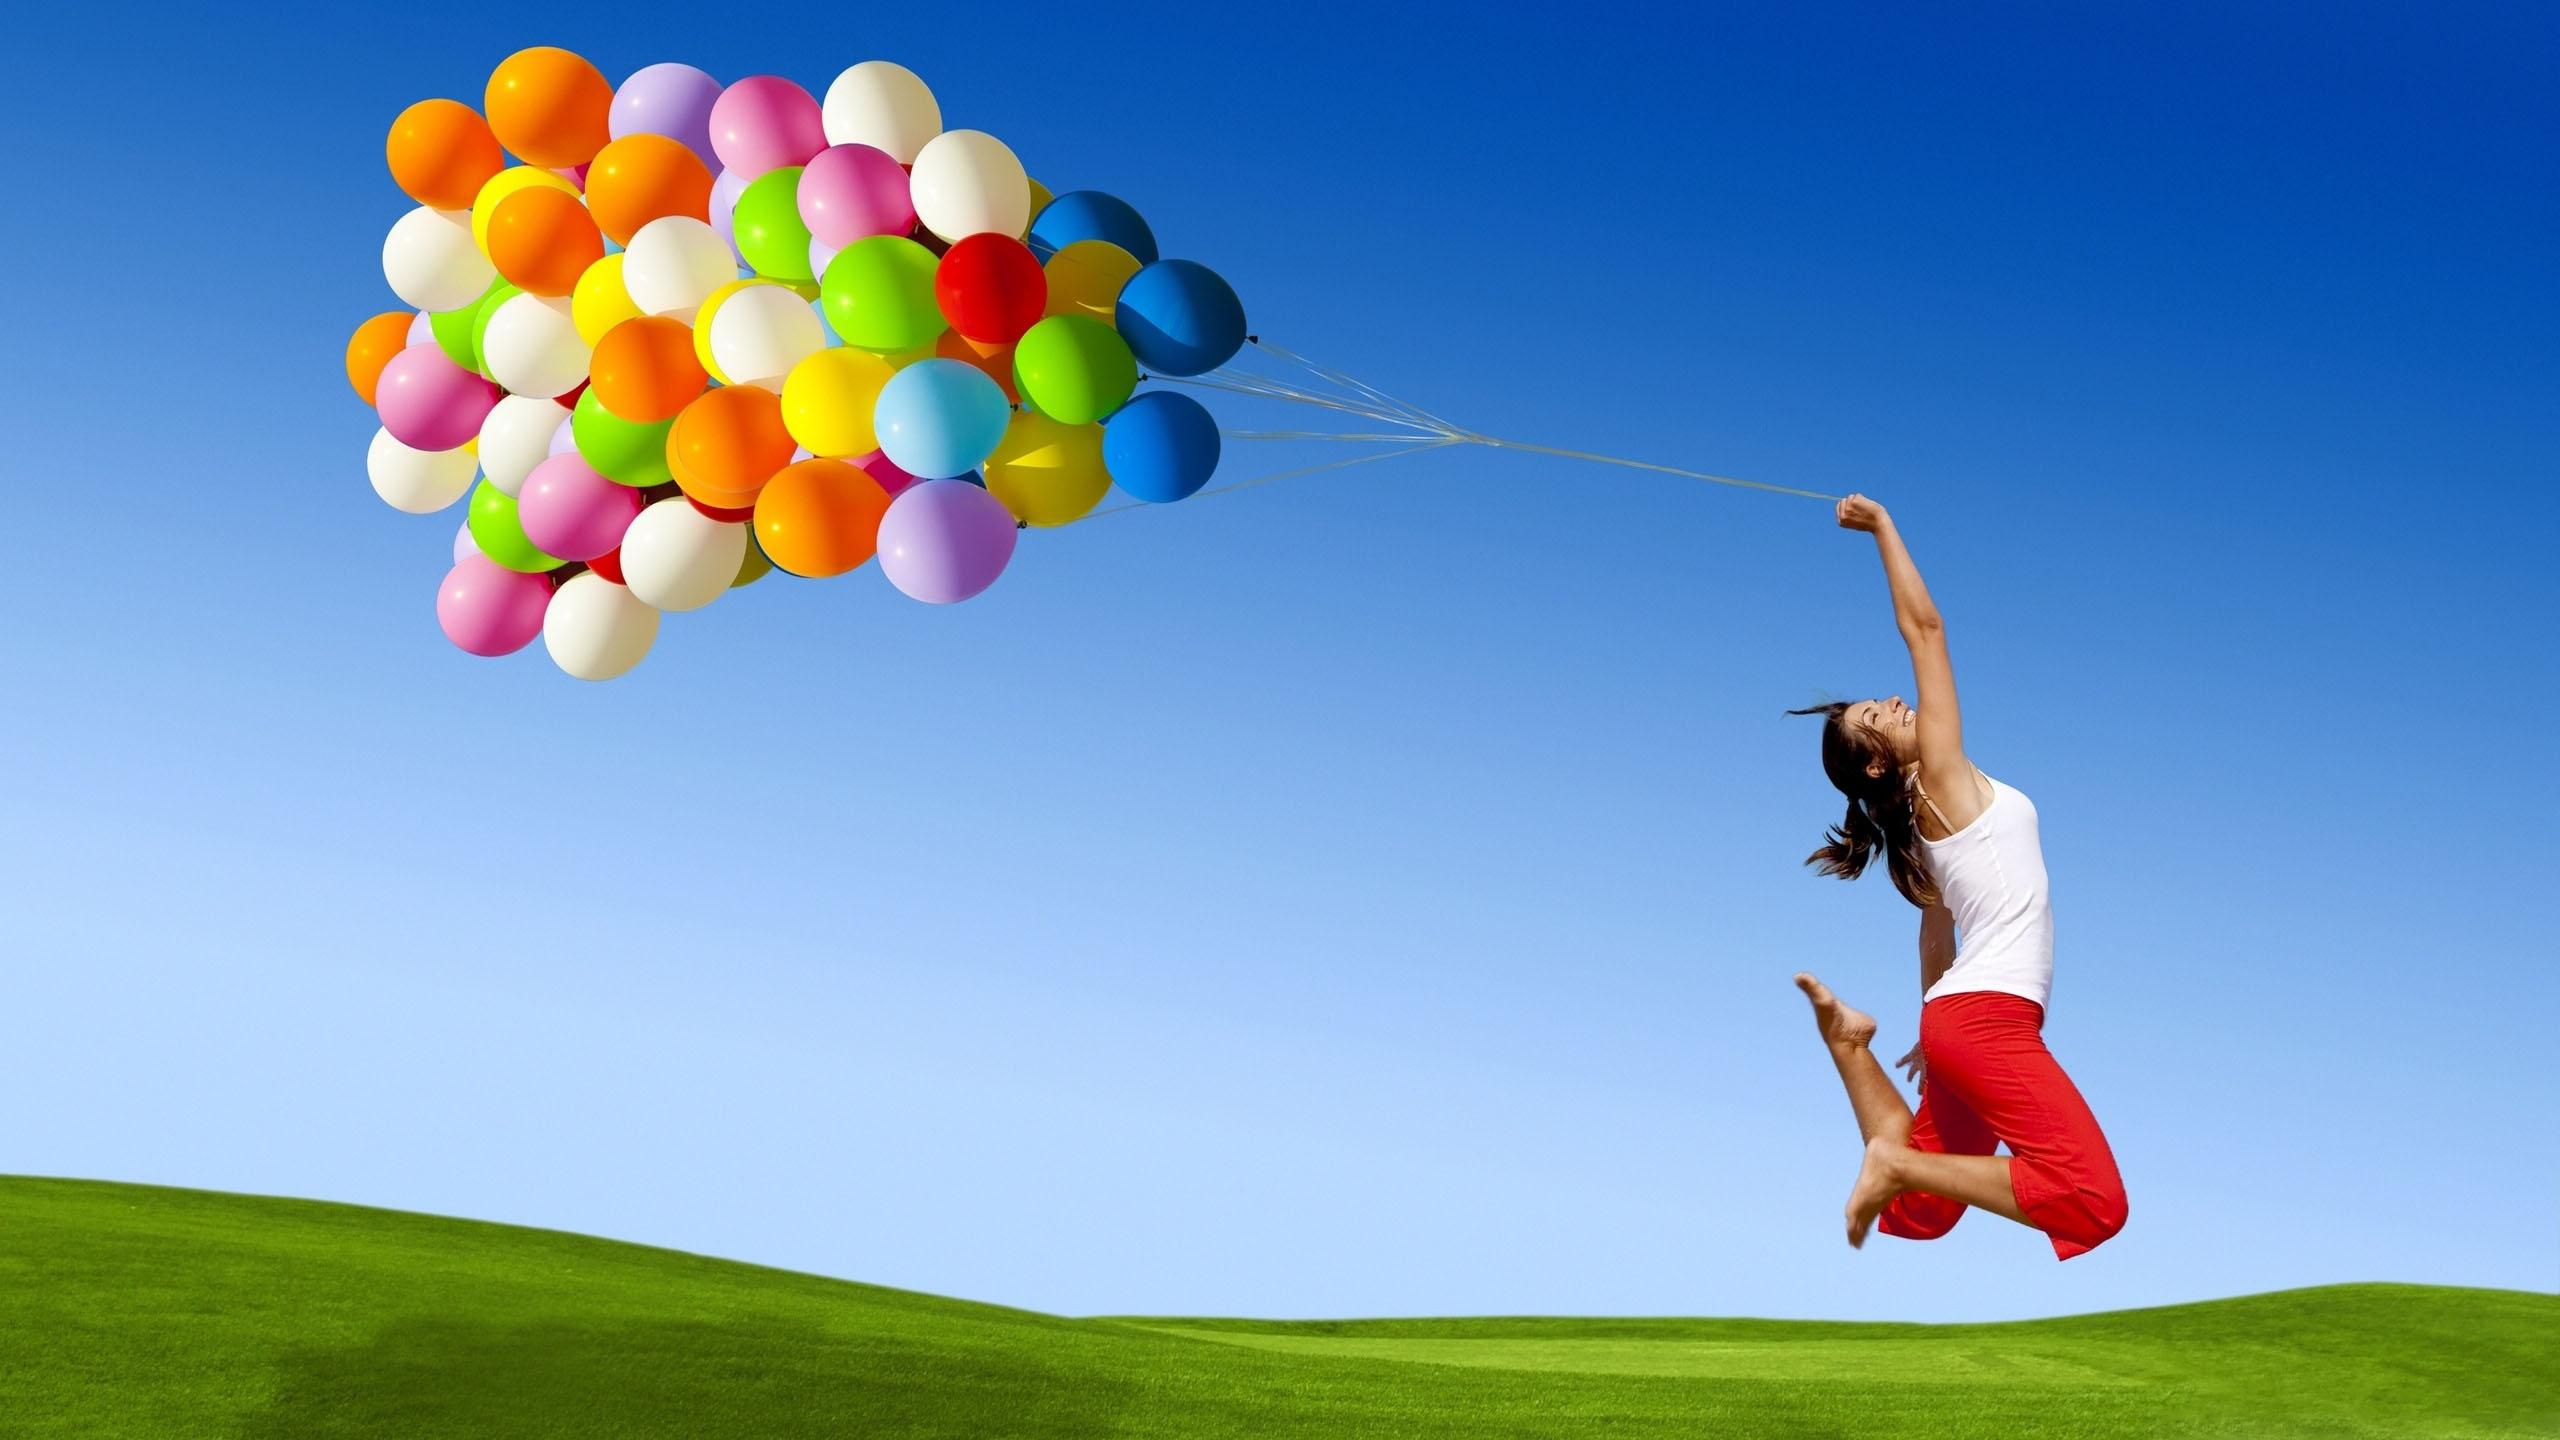 766-balony-kobieta-szczescie